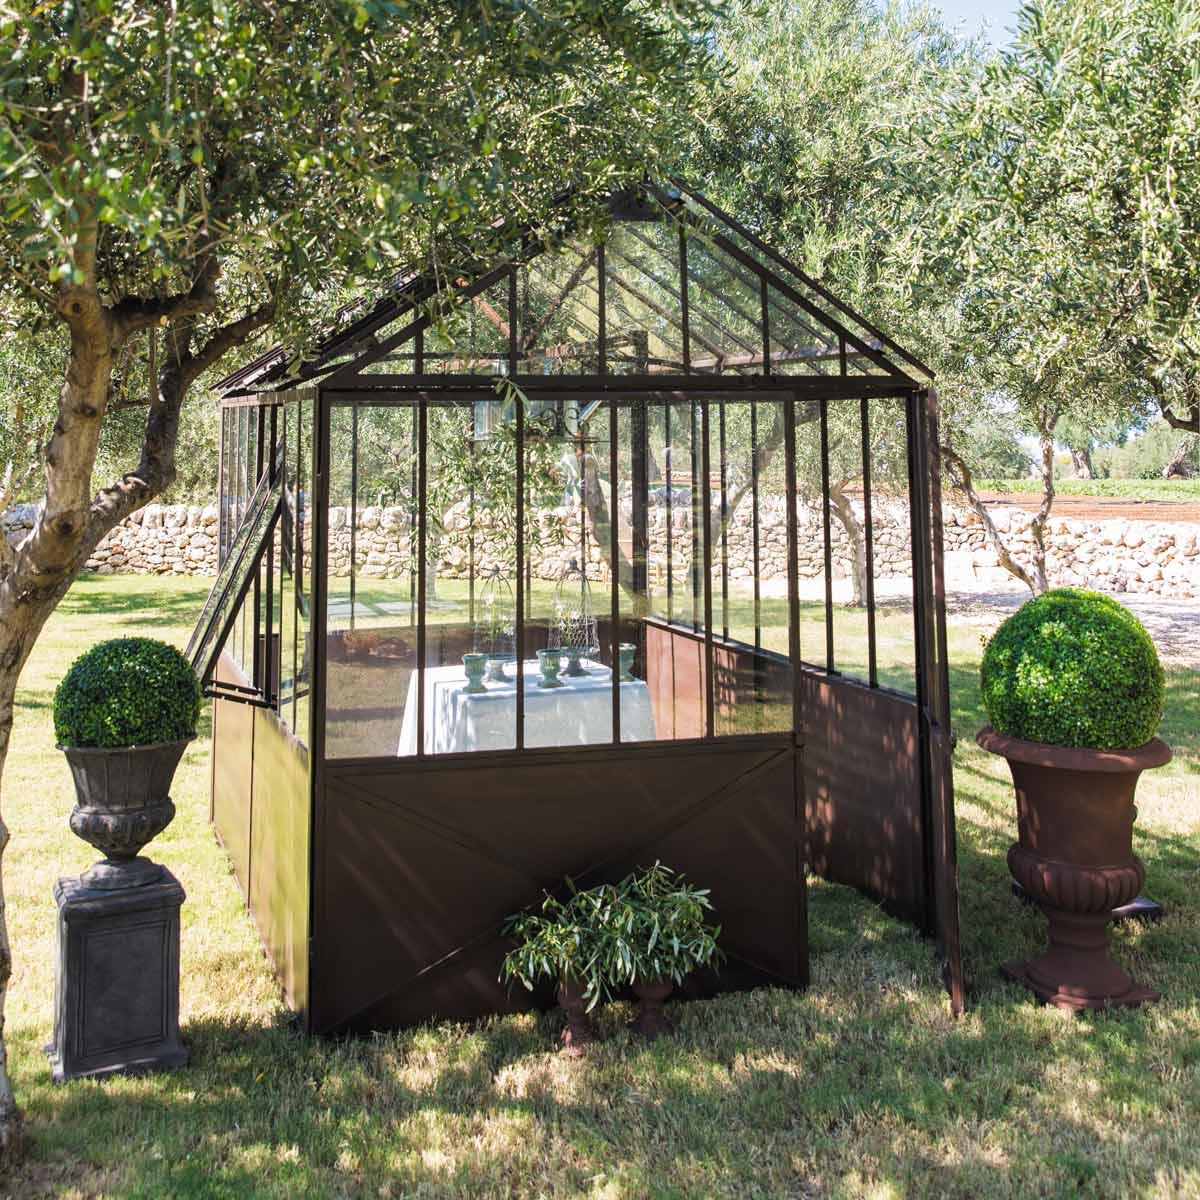 Déco avec une serre en métal dans un jardin